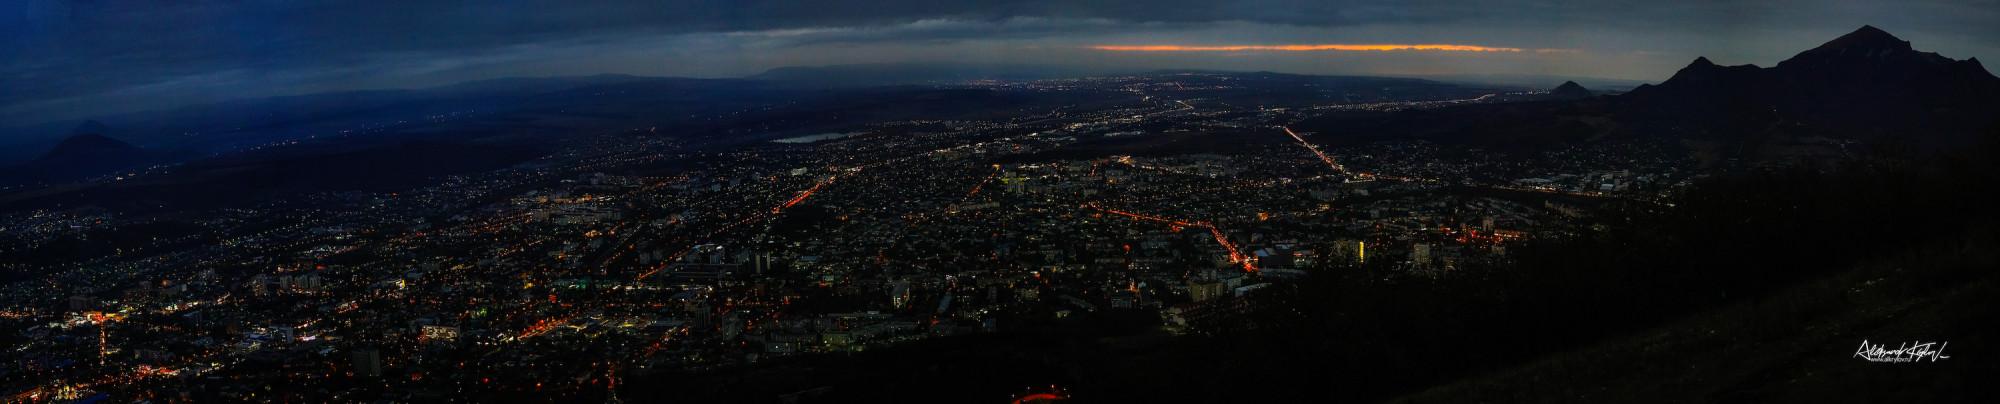 Панорама Пятигорска с горы Машук, 2020